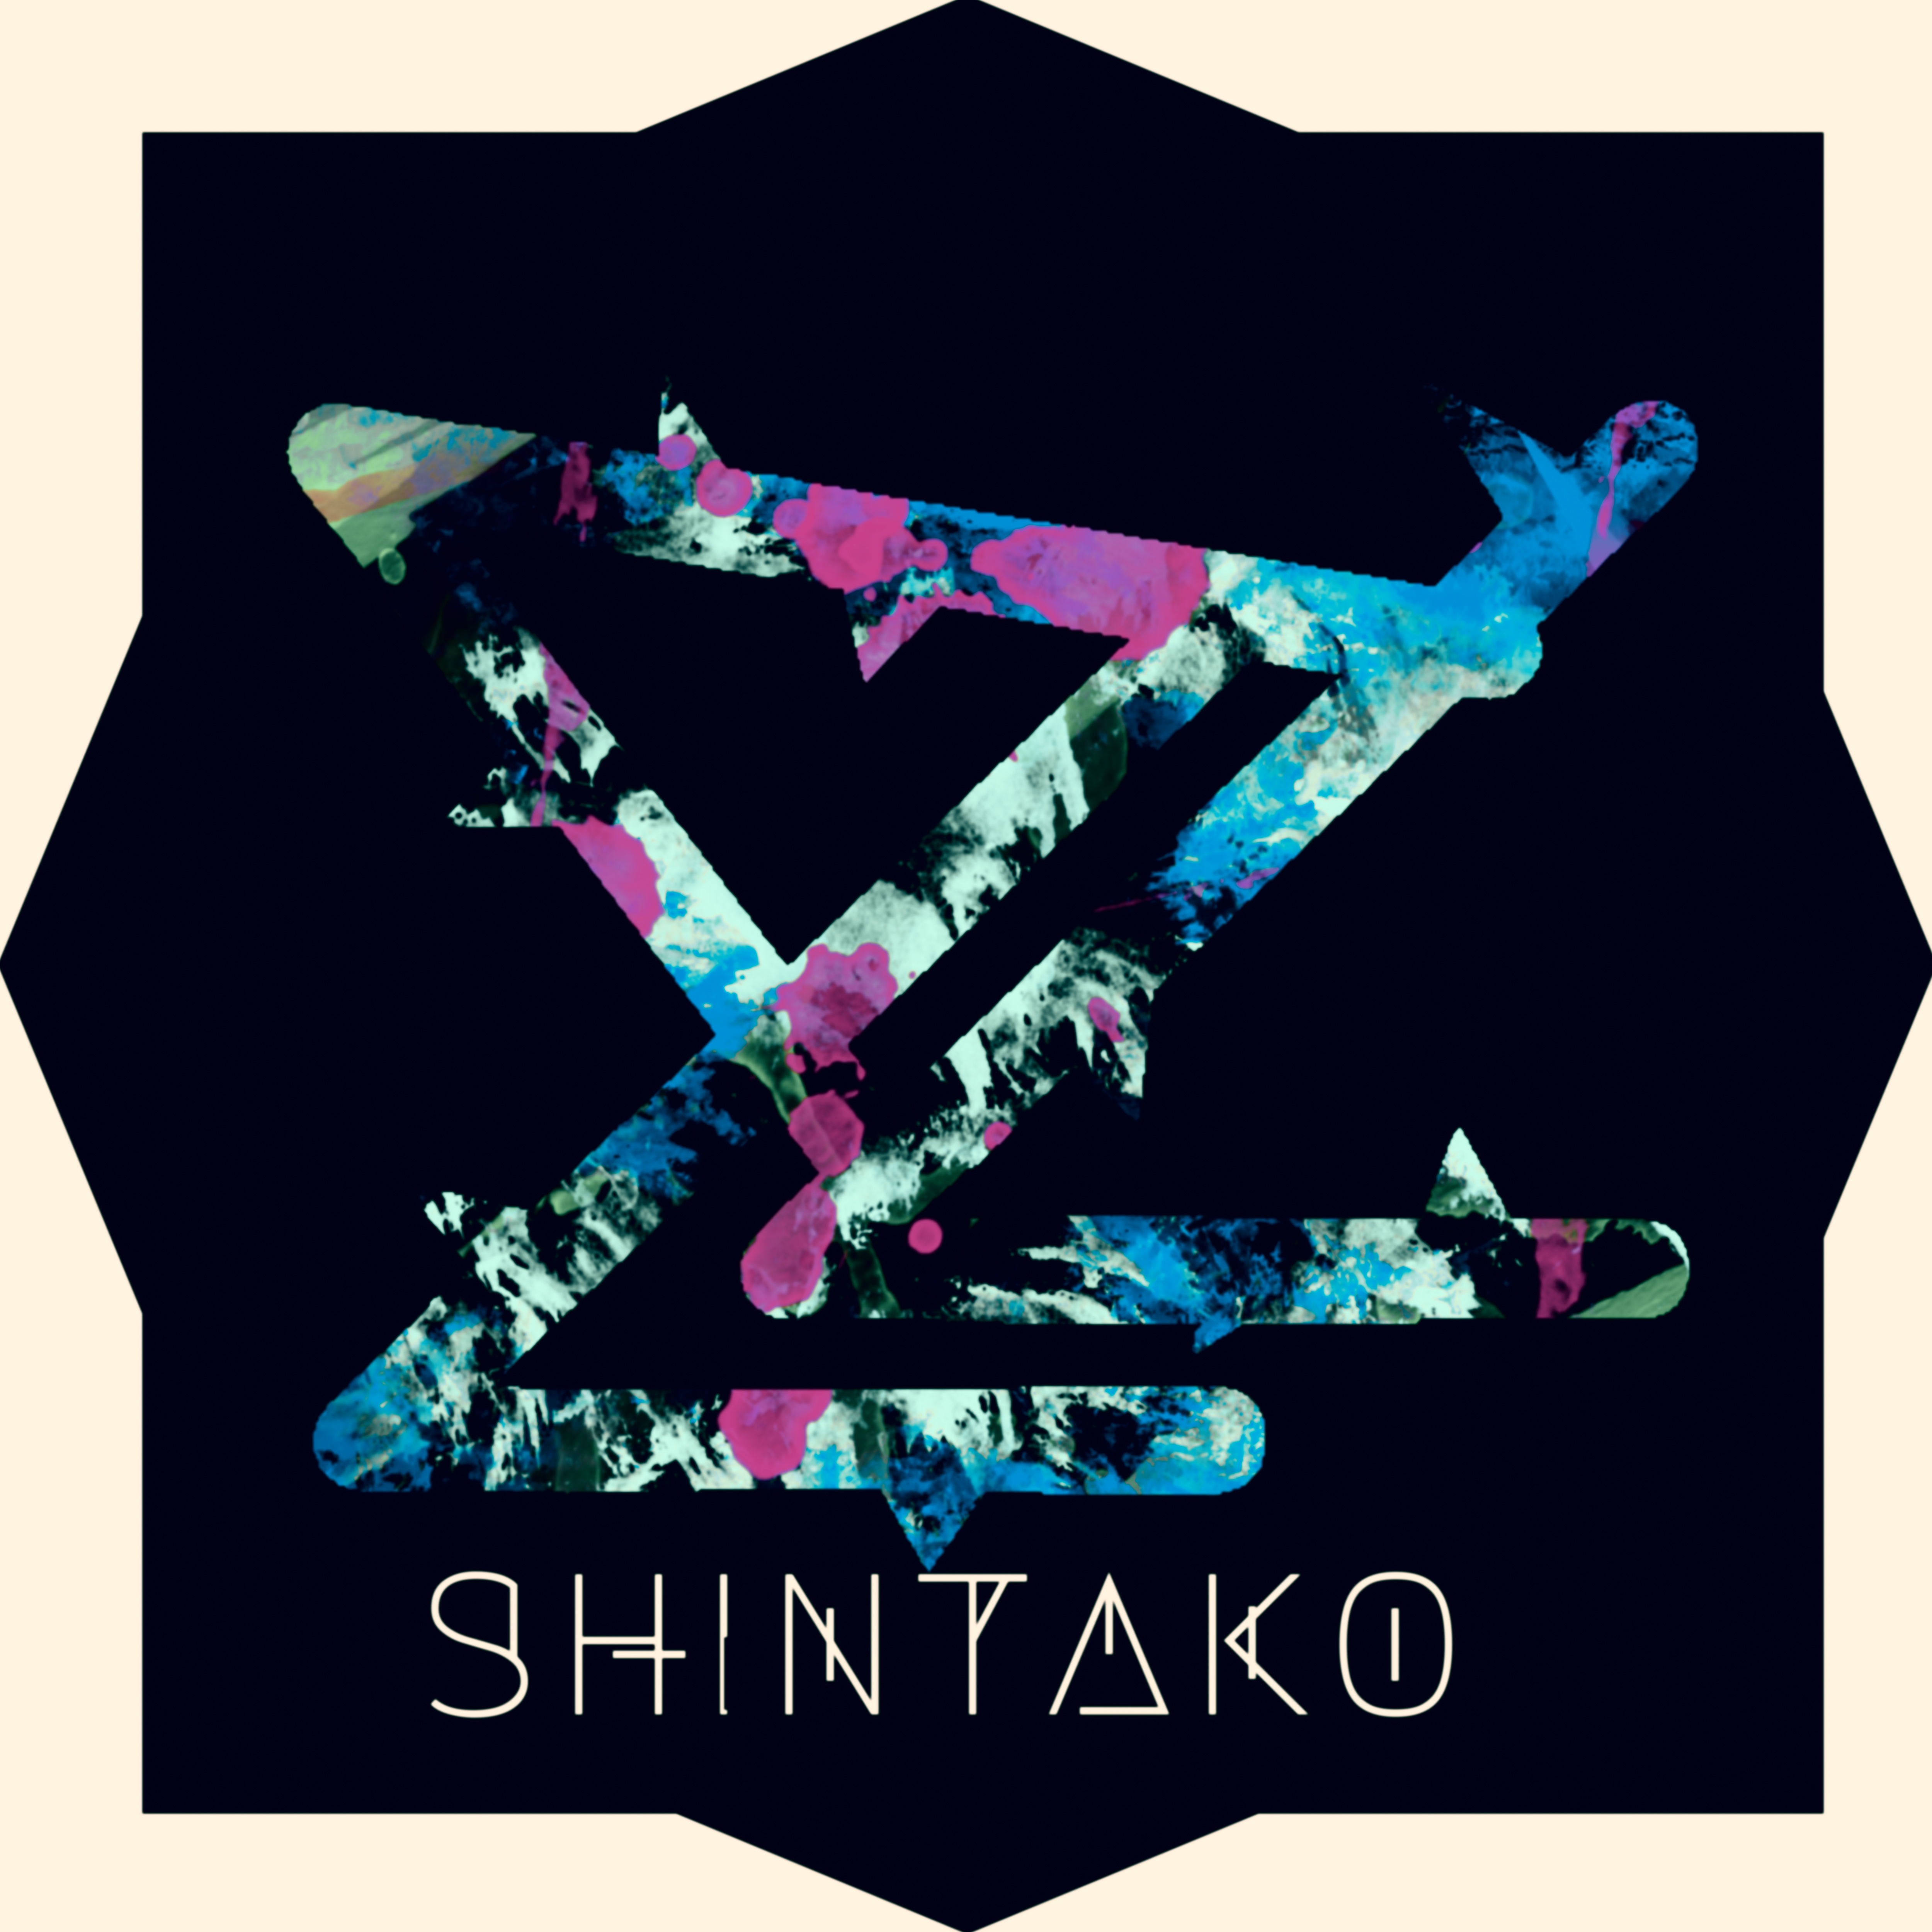 Shintako 1 1rogo